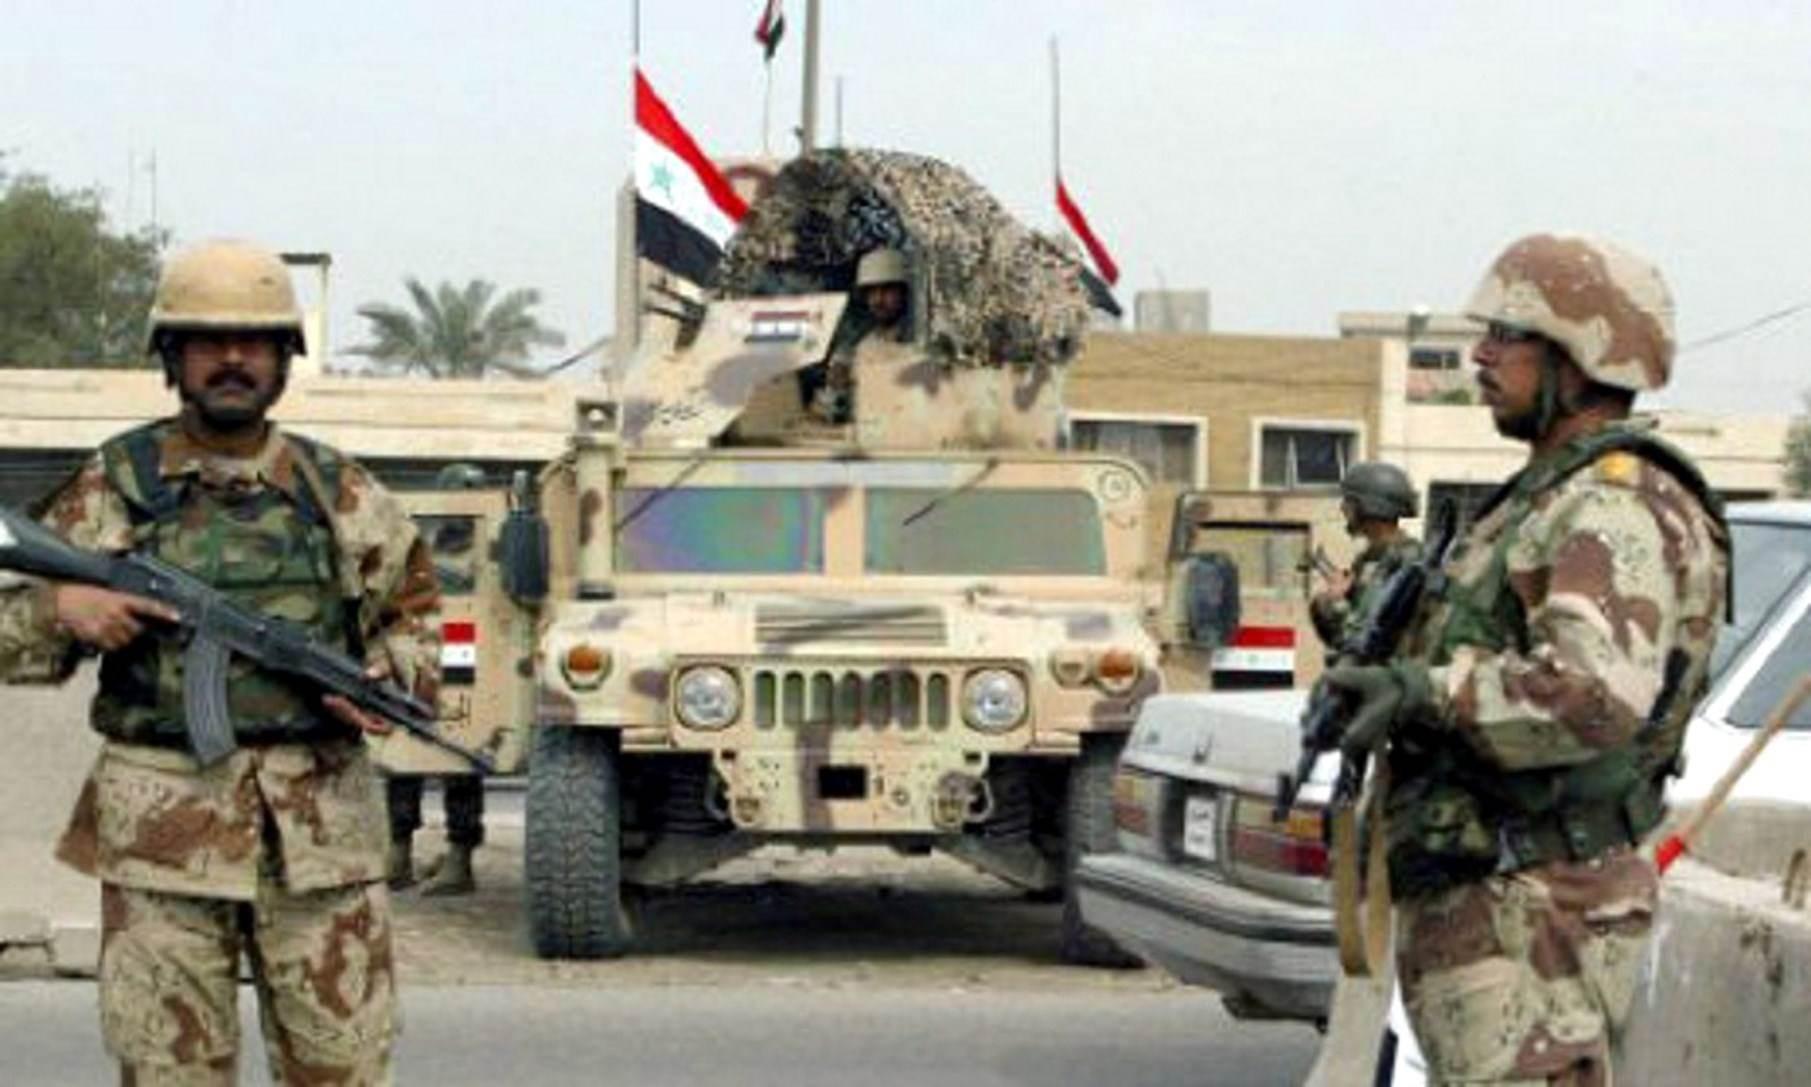 """مقتل 5 عناصر من داعش بينهم قائد عسكري بعملية """"أسود الصحراء"""" غرب الأنبار"""